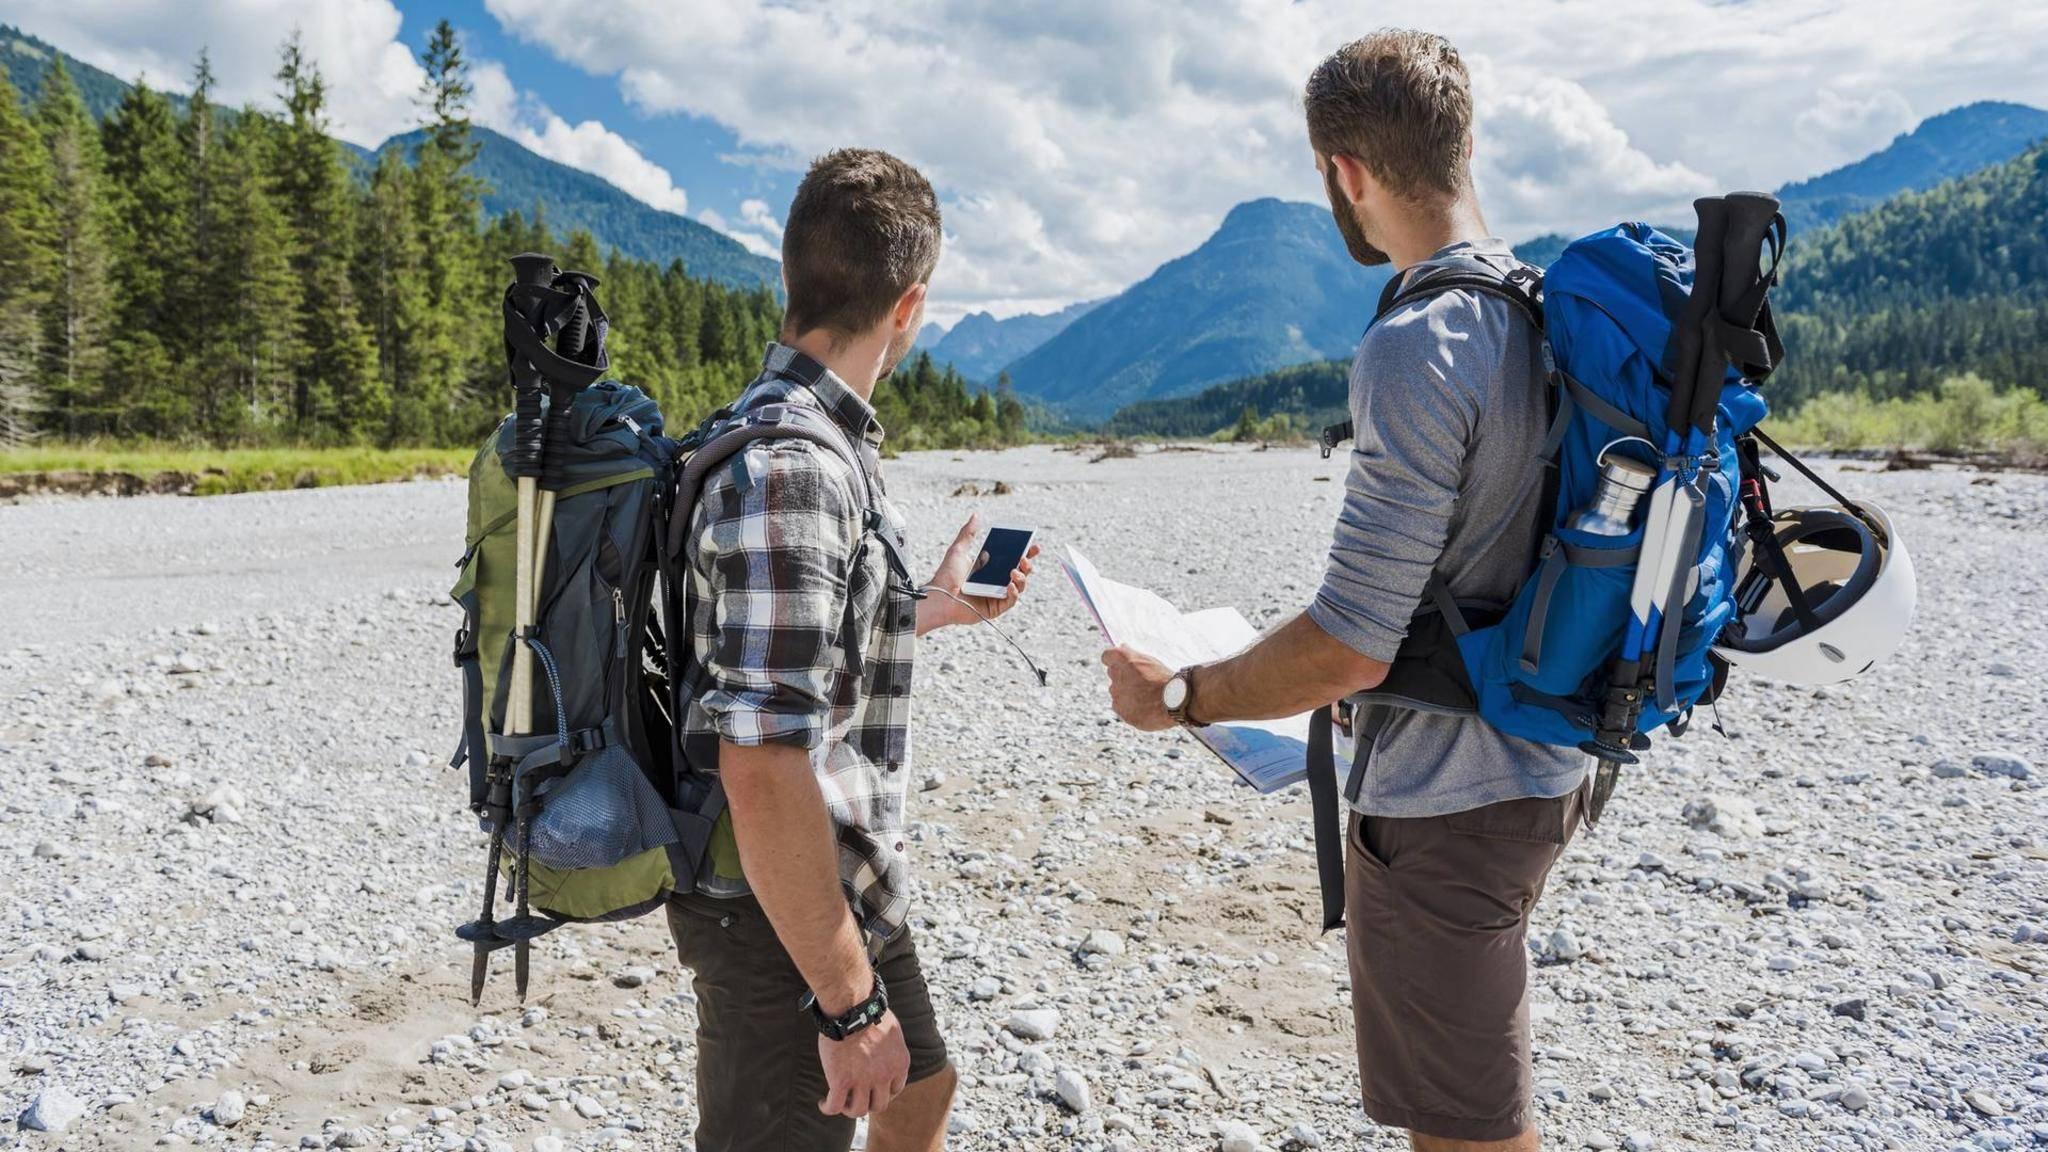 Wir verraten Dir, wie Du den Kompass Deines Smartphones neu kalibrieren kannst.